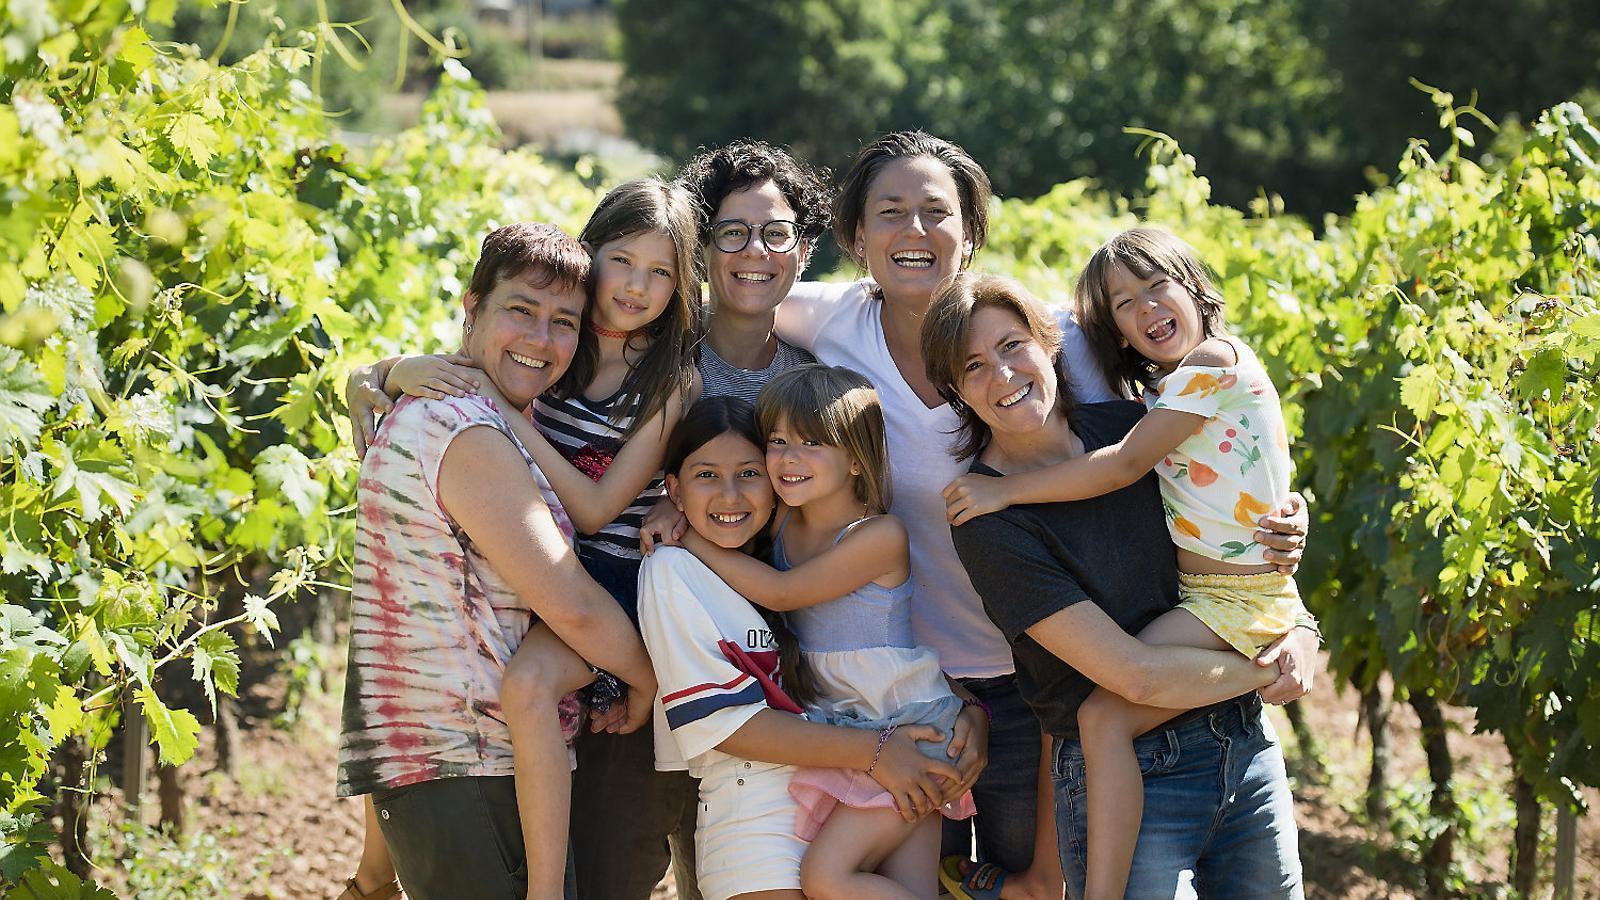 """Núria López-Bigas, biòloga: """"La nostra amistat ha crescut amb el temps i ha acabat unint dues famílies"""""""